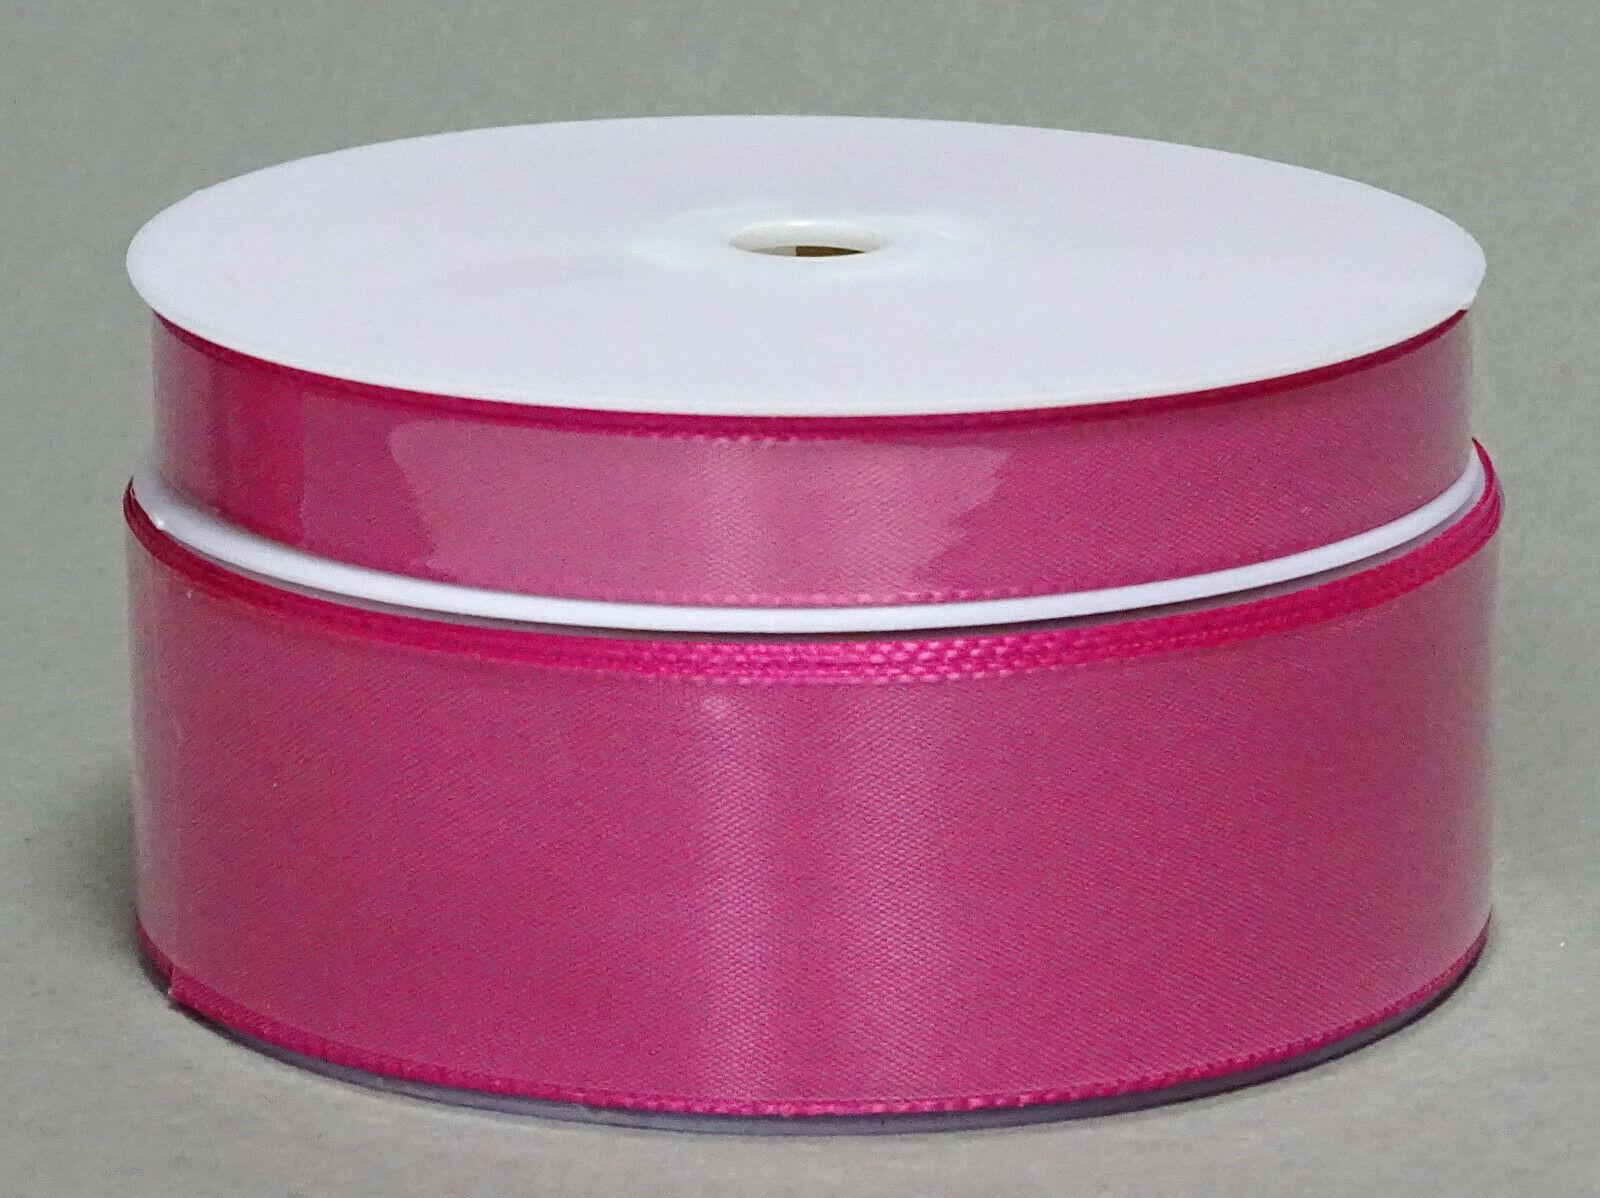 Seidenband Schleifenband 50 m x 15 mm / 40 mm Dekoband ab 0,08 €/m Geschenkband  - Pink 138, 40 mm x 50 m